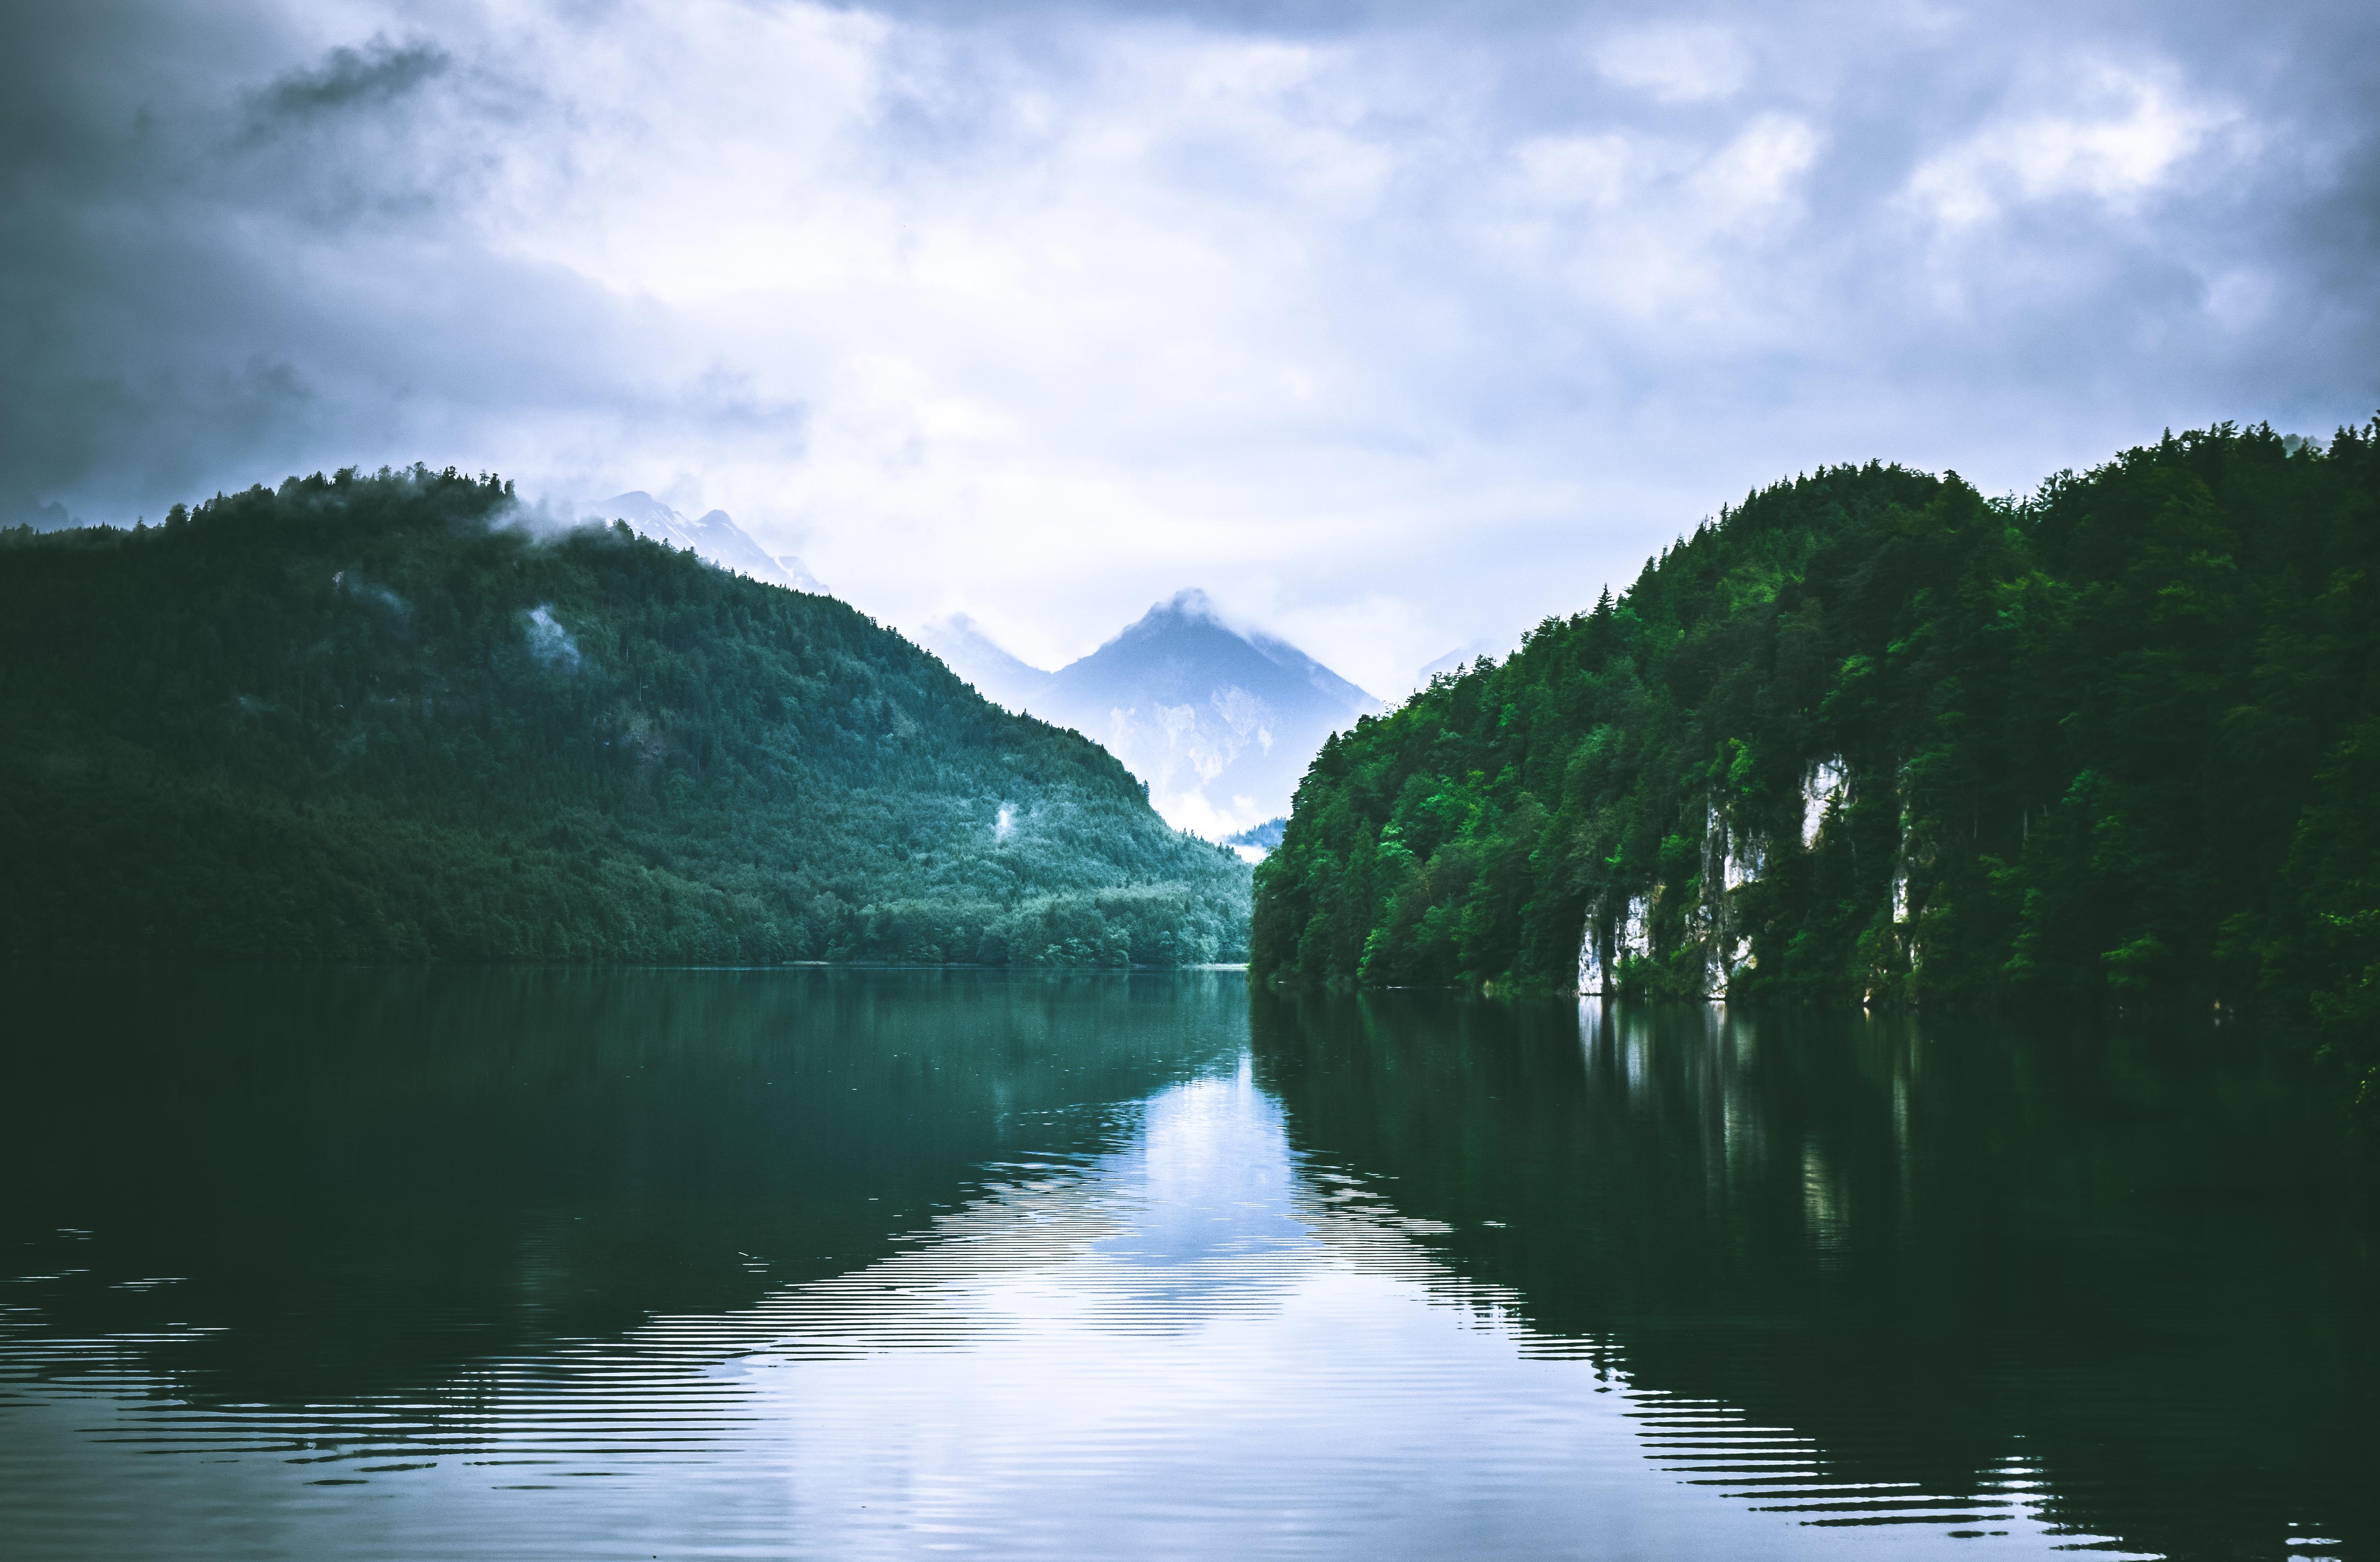 картинки с видами рек морей океанов россии то, что данный